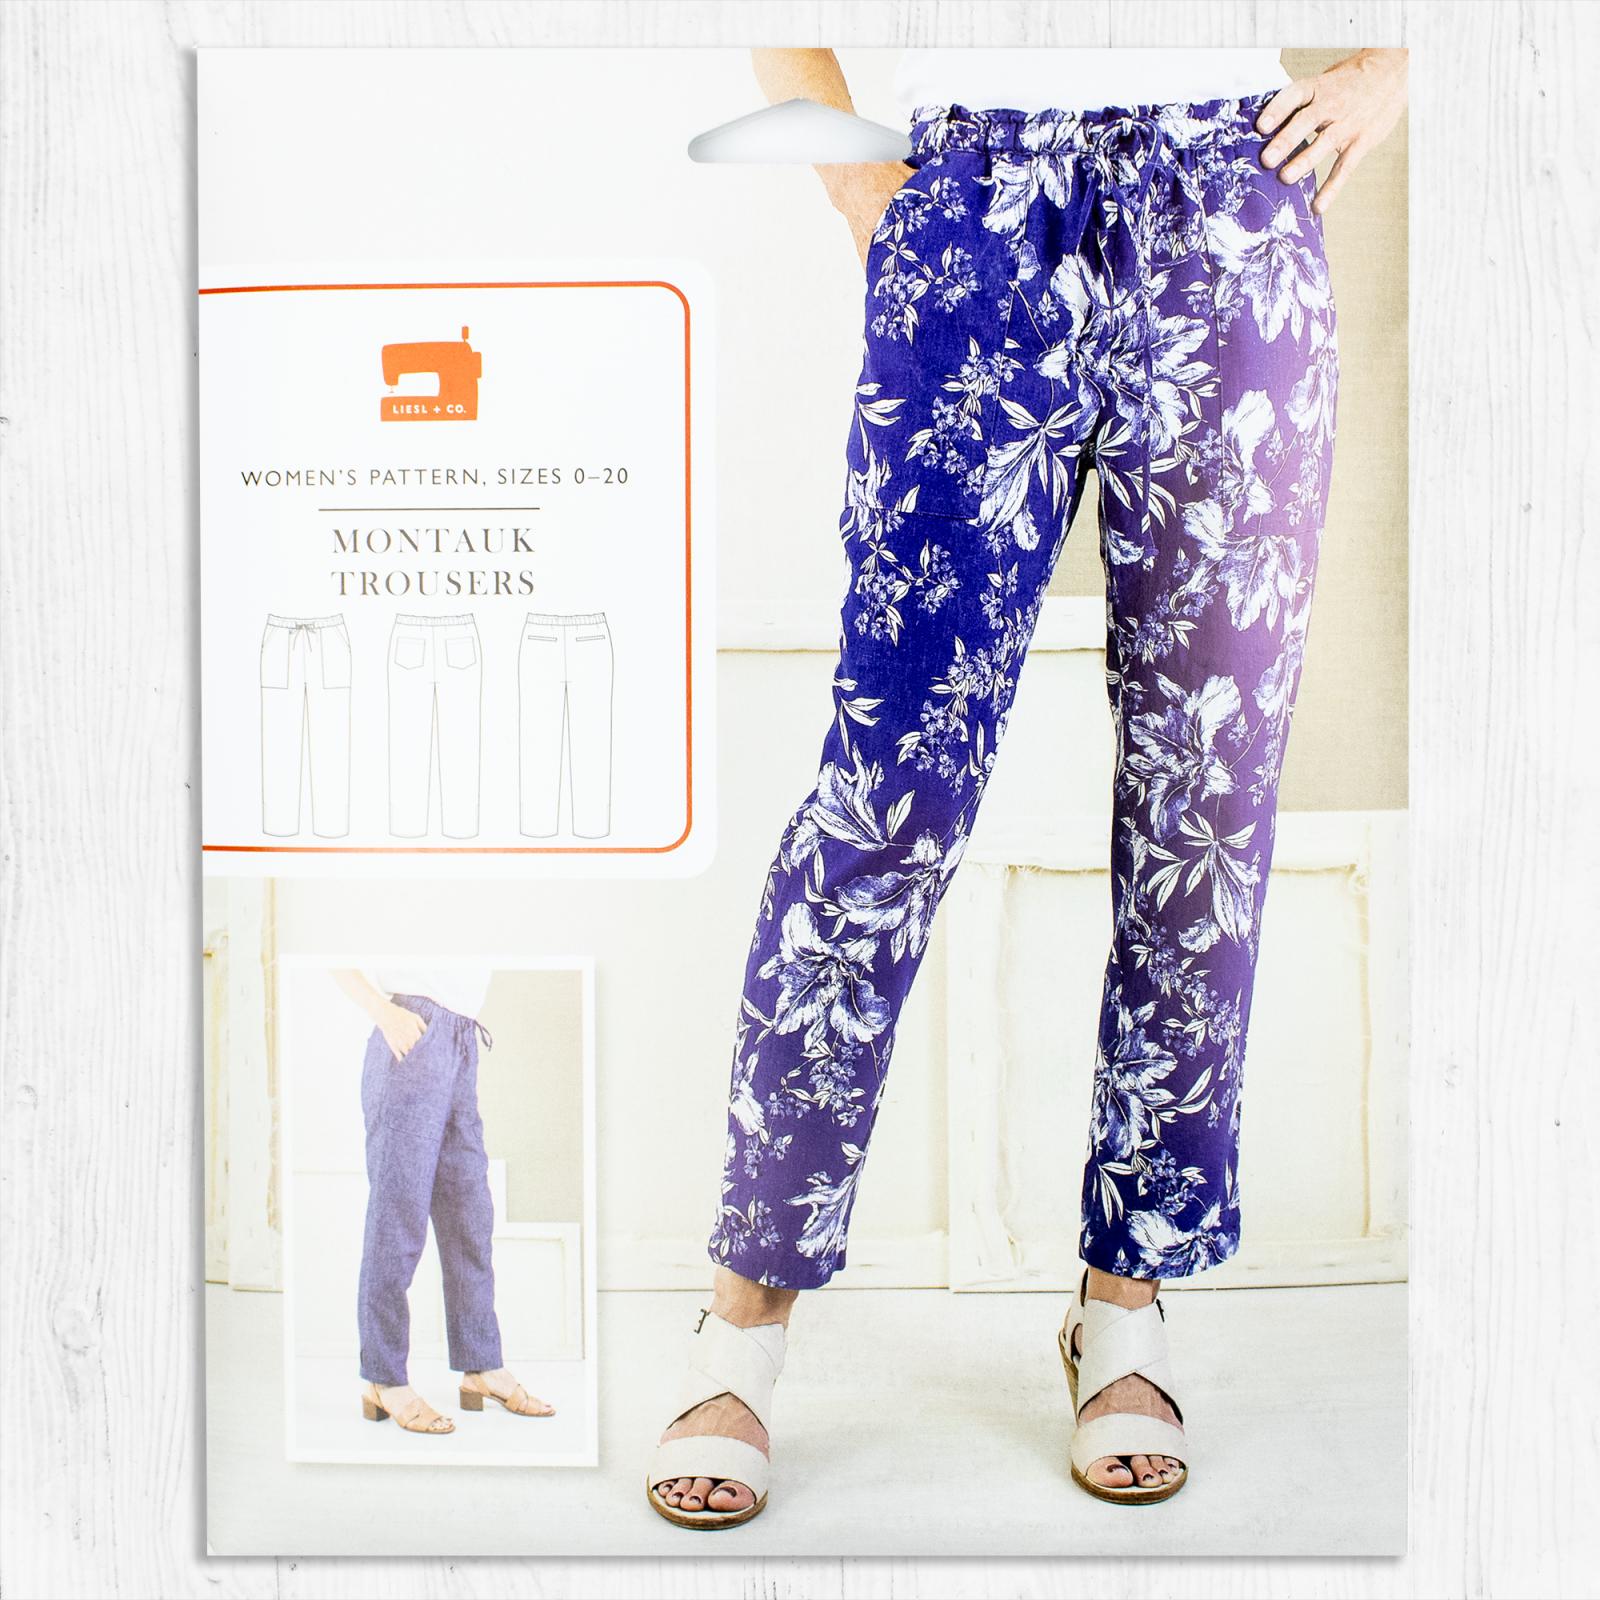 Liesl + Co - Montauk Trousers